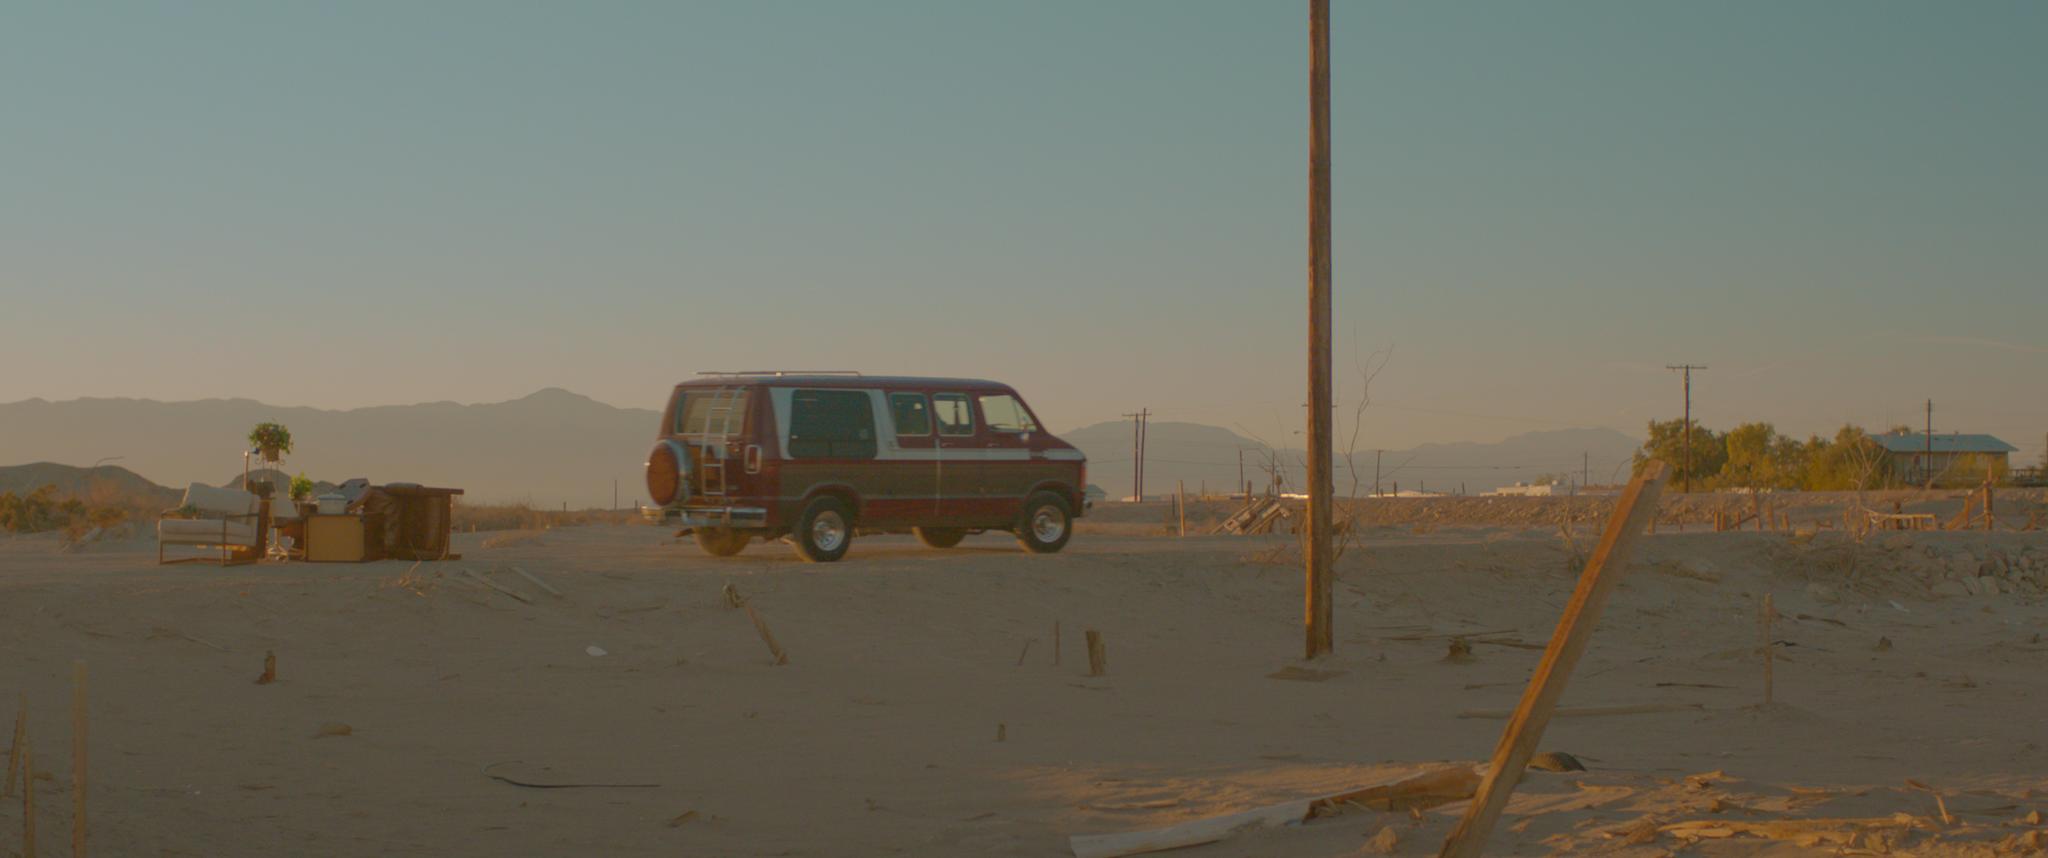 desert-van-wide.png